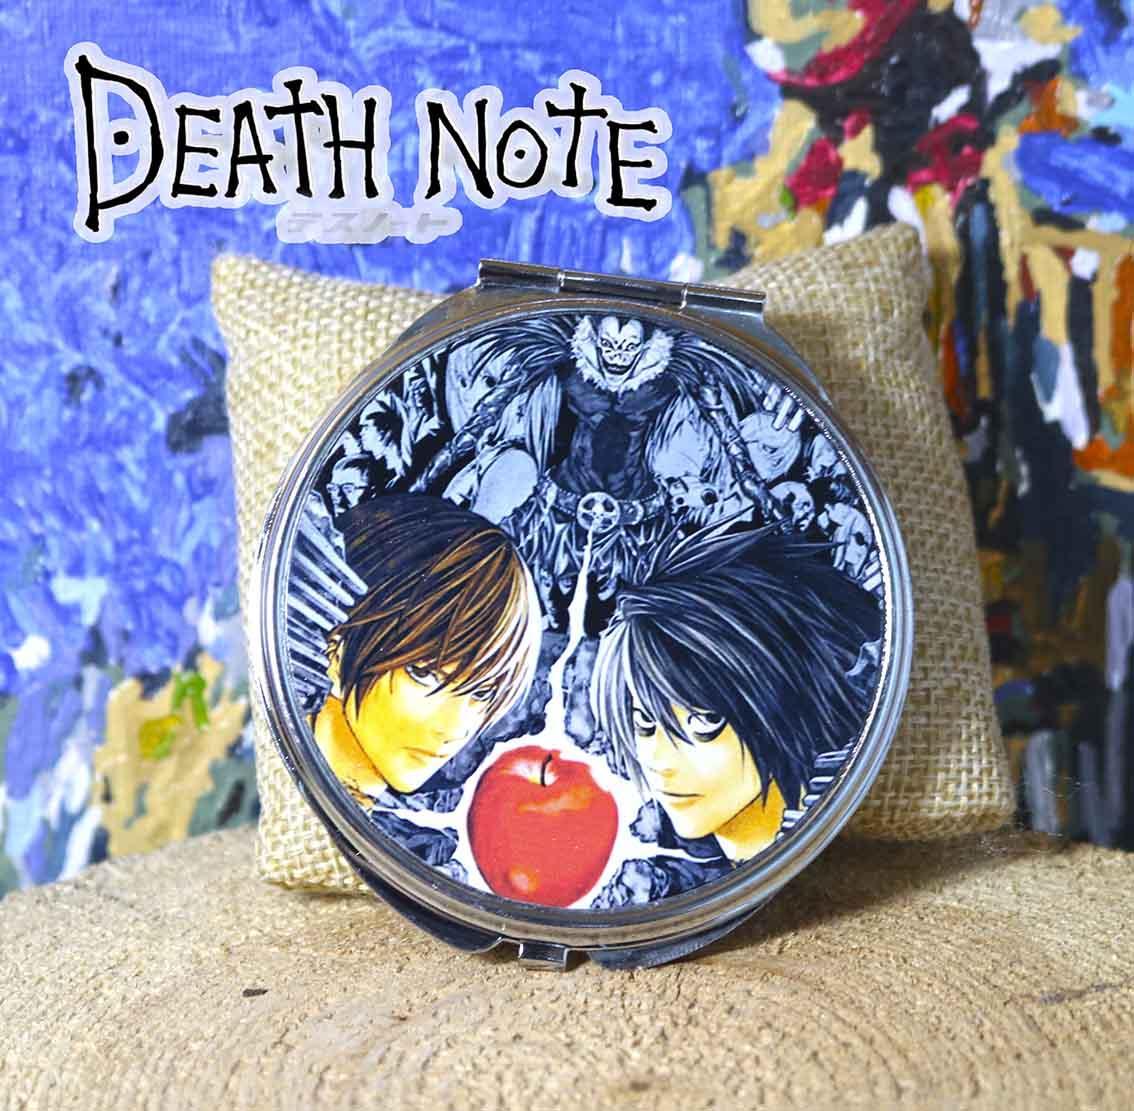 Кишеньковий дзеркало Лайт і L Зошит смерті / Death Note